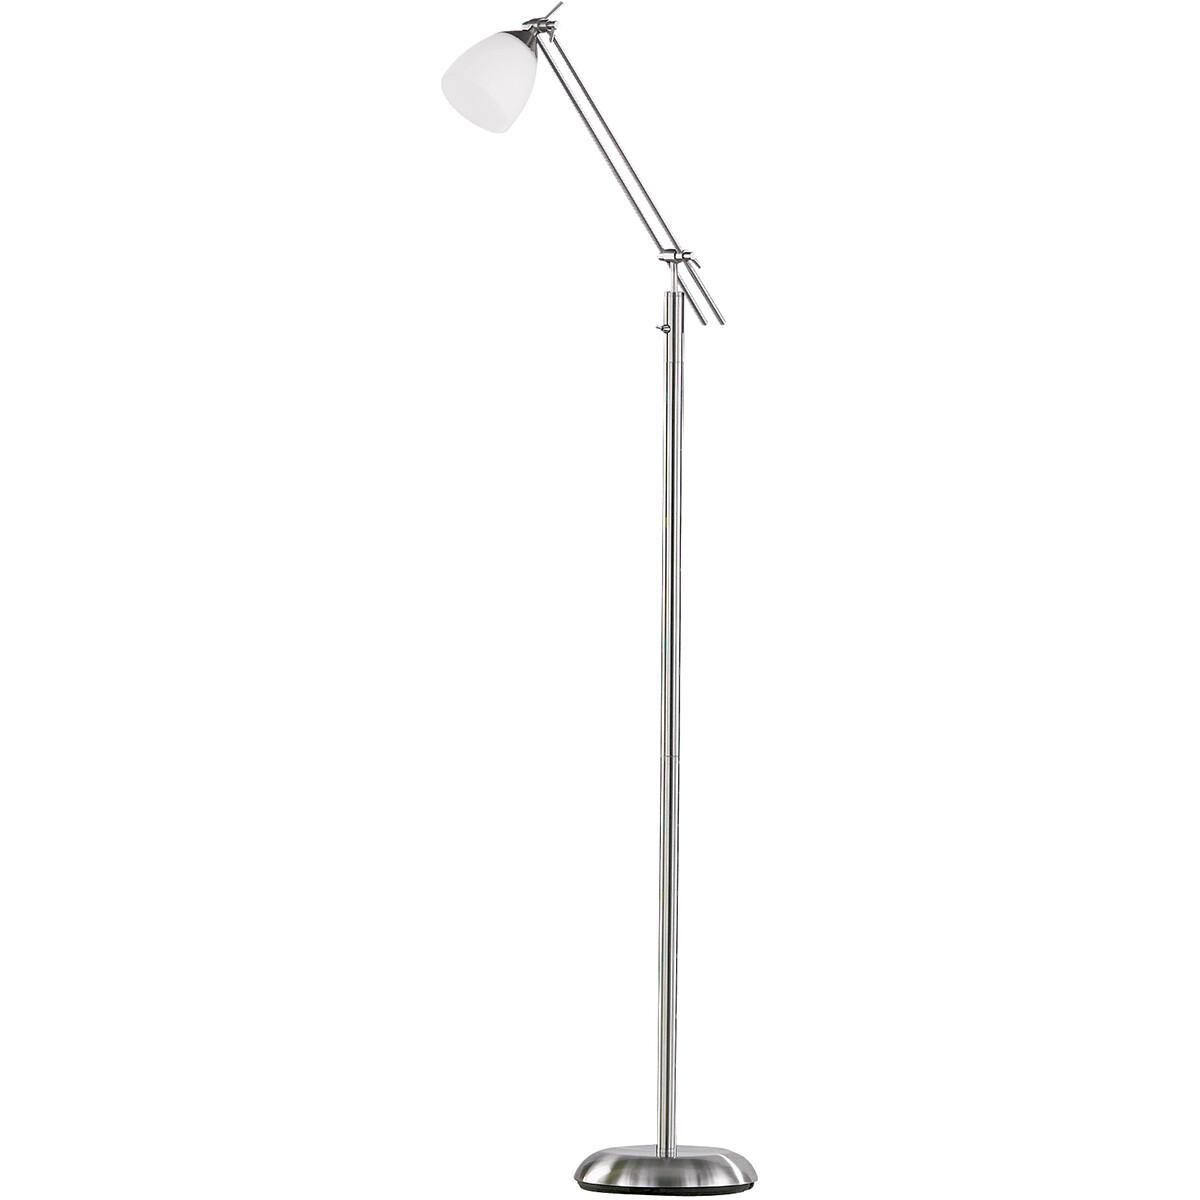 LED Vloerlamp - Trion Ican - E27 Fitting - Rond - Mat Nikkel - Aluminium